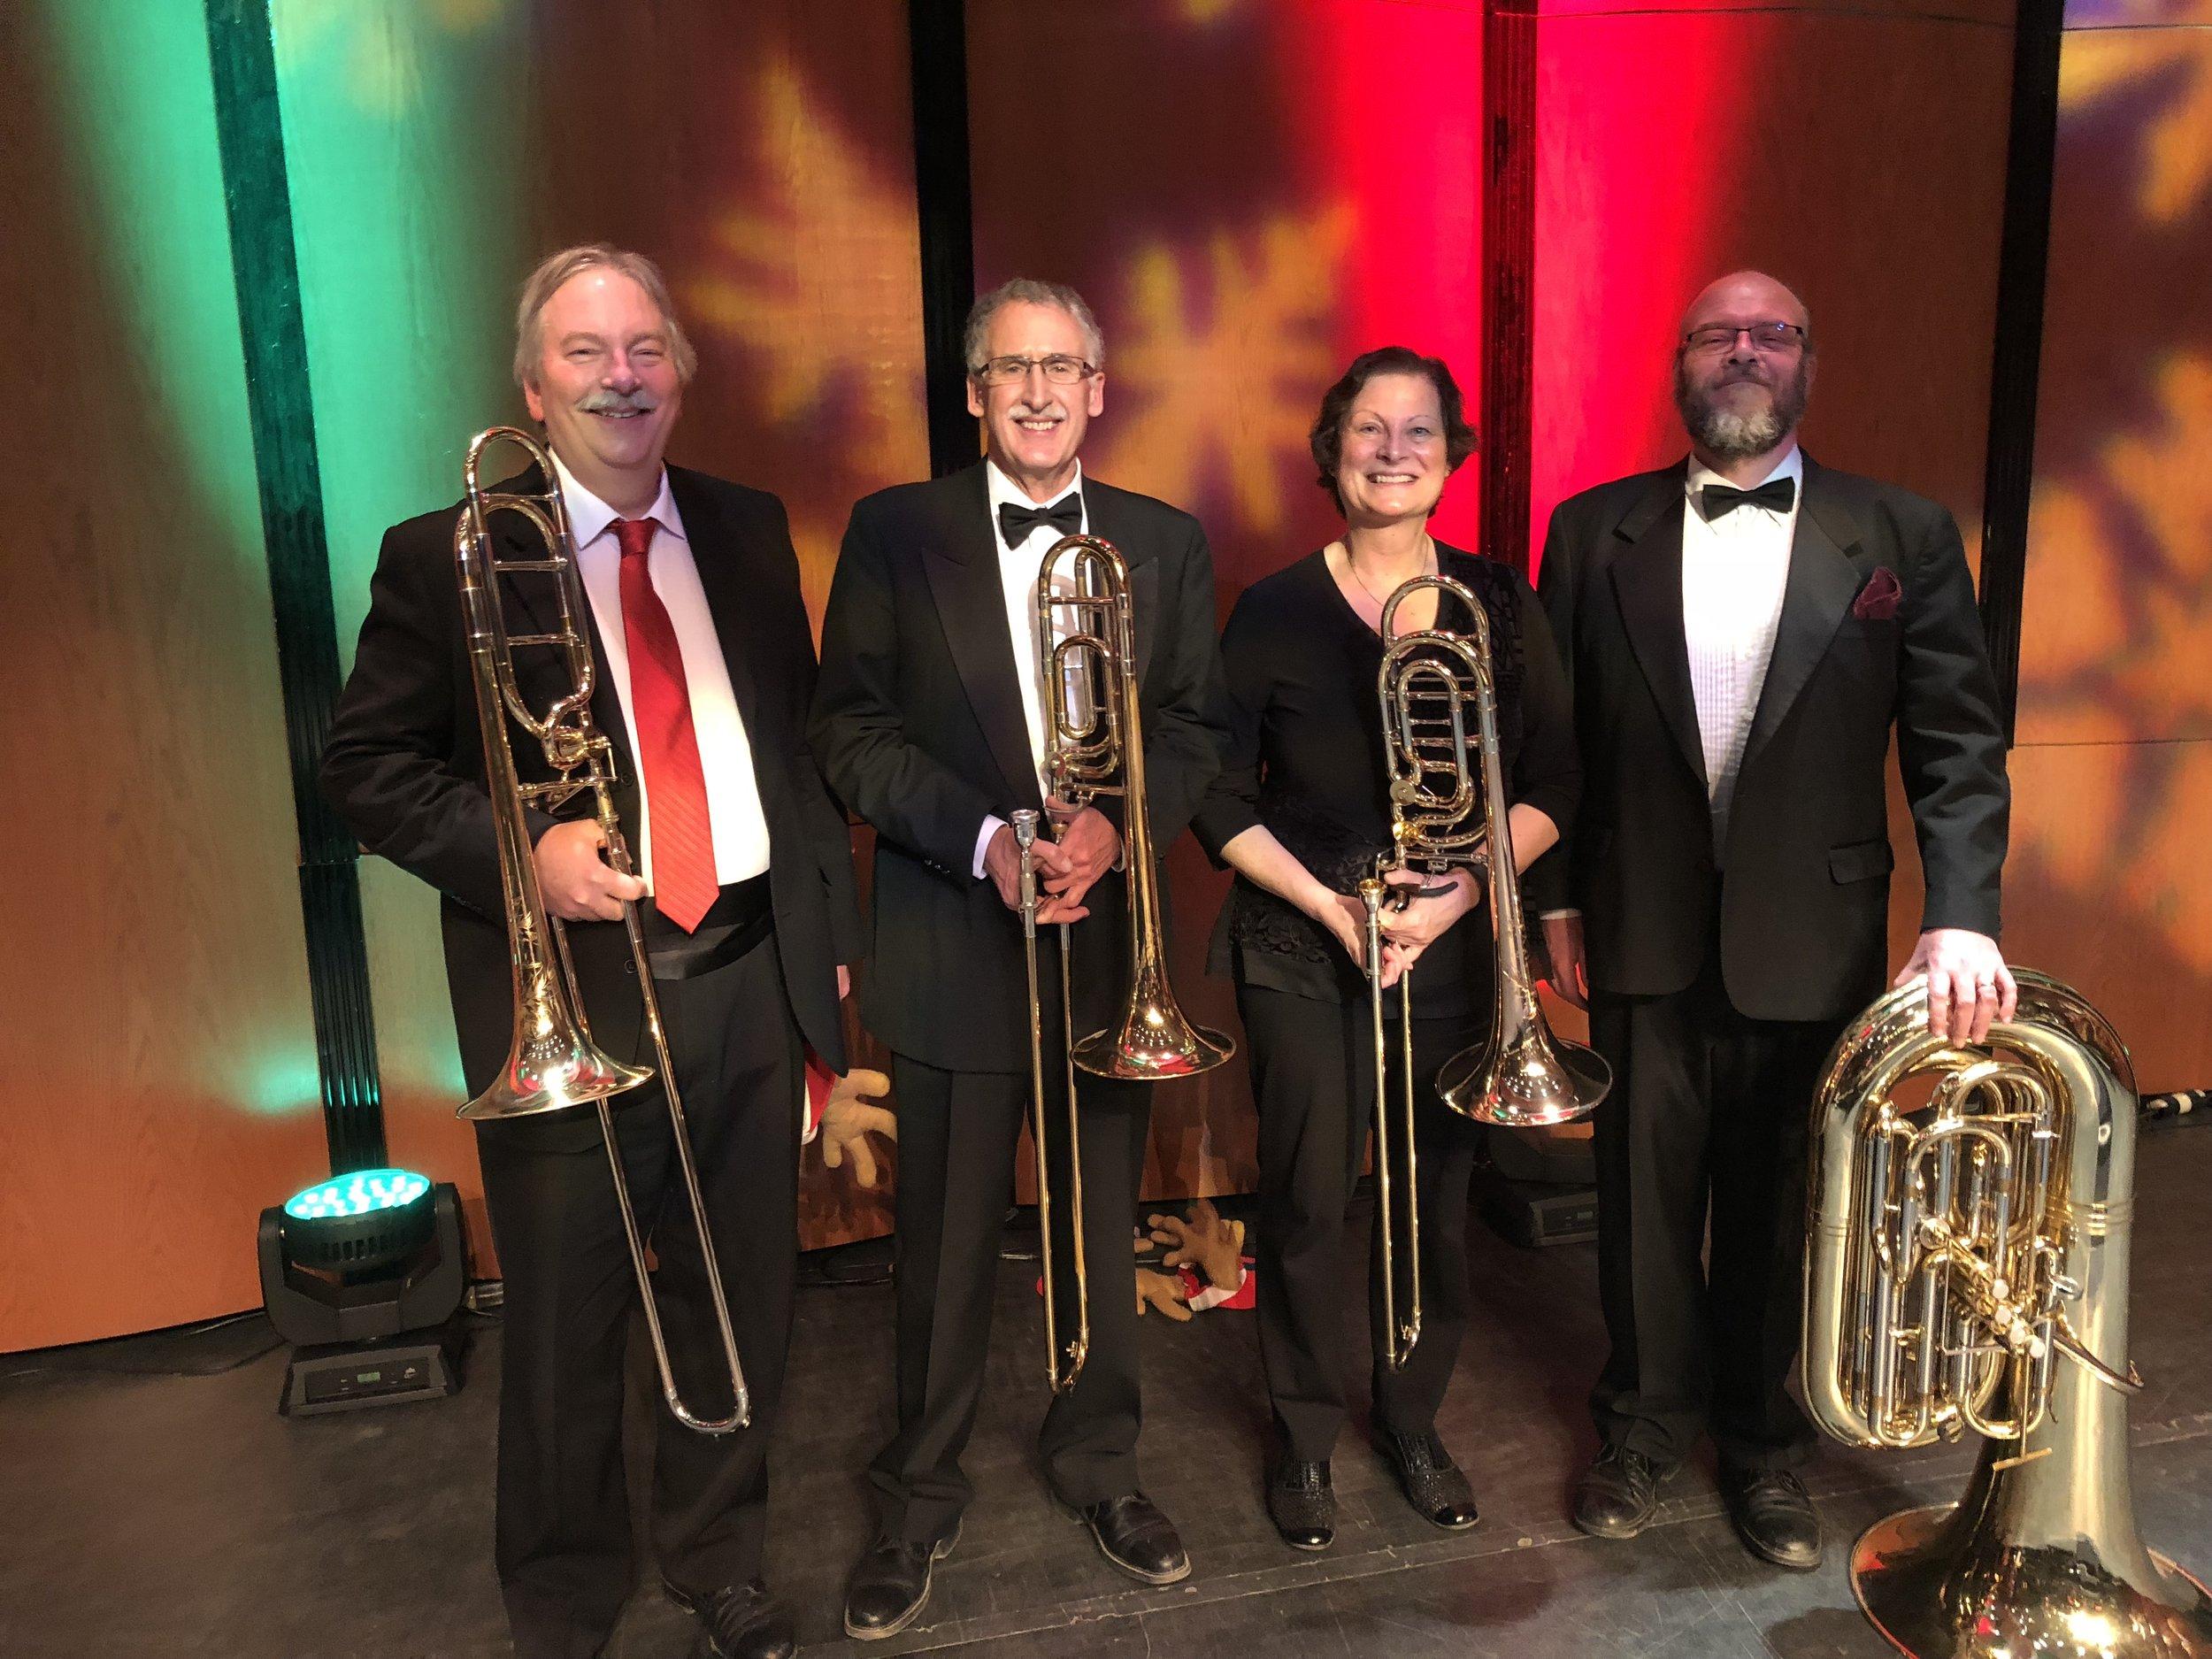 Orchestre Symphonique de Saskatoon - Cuivres Basses